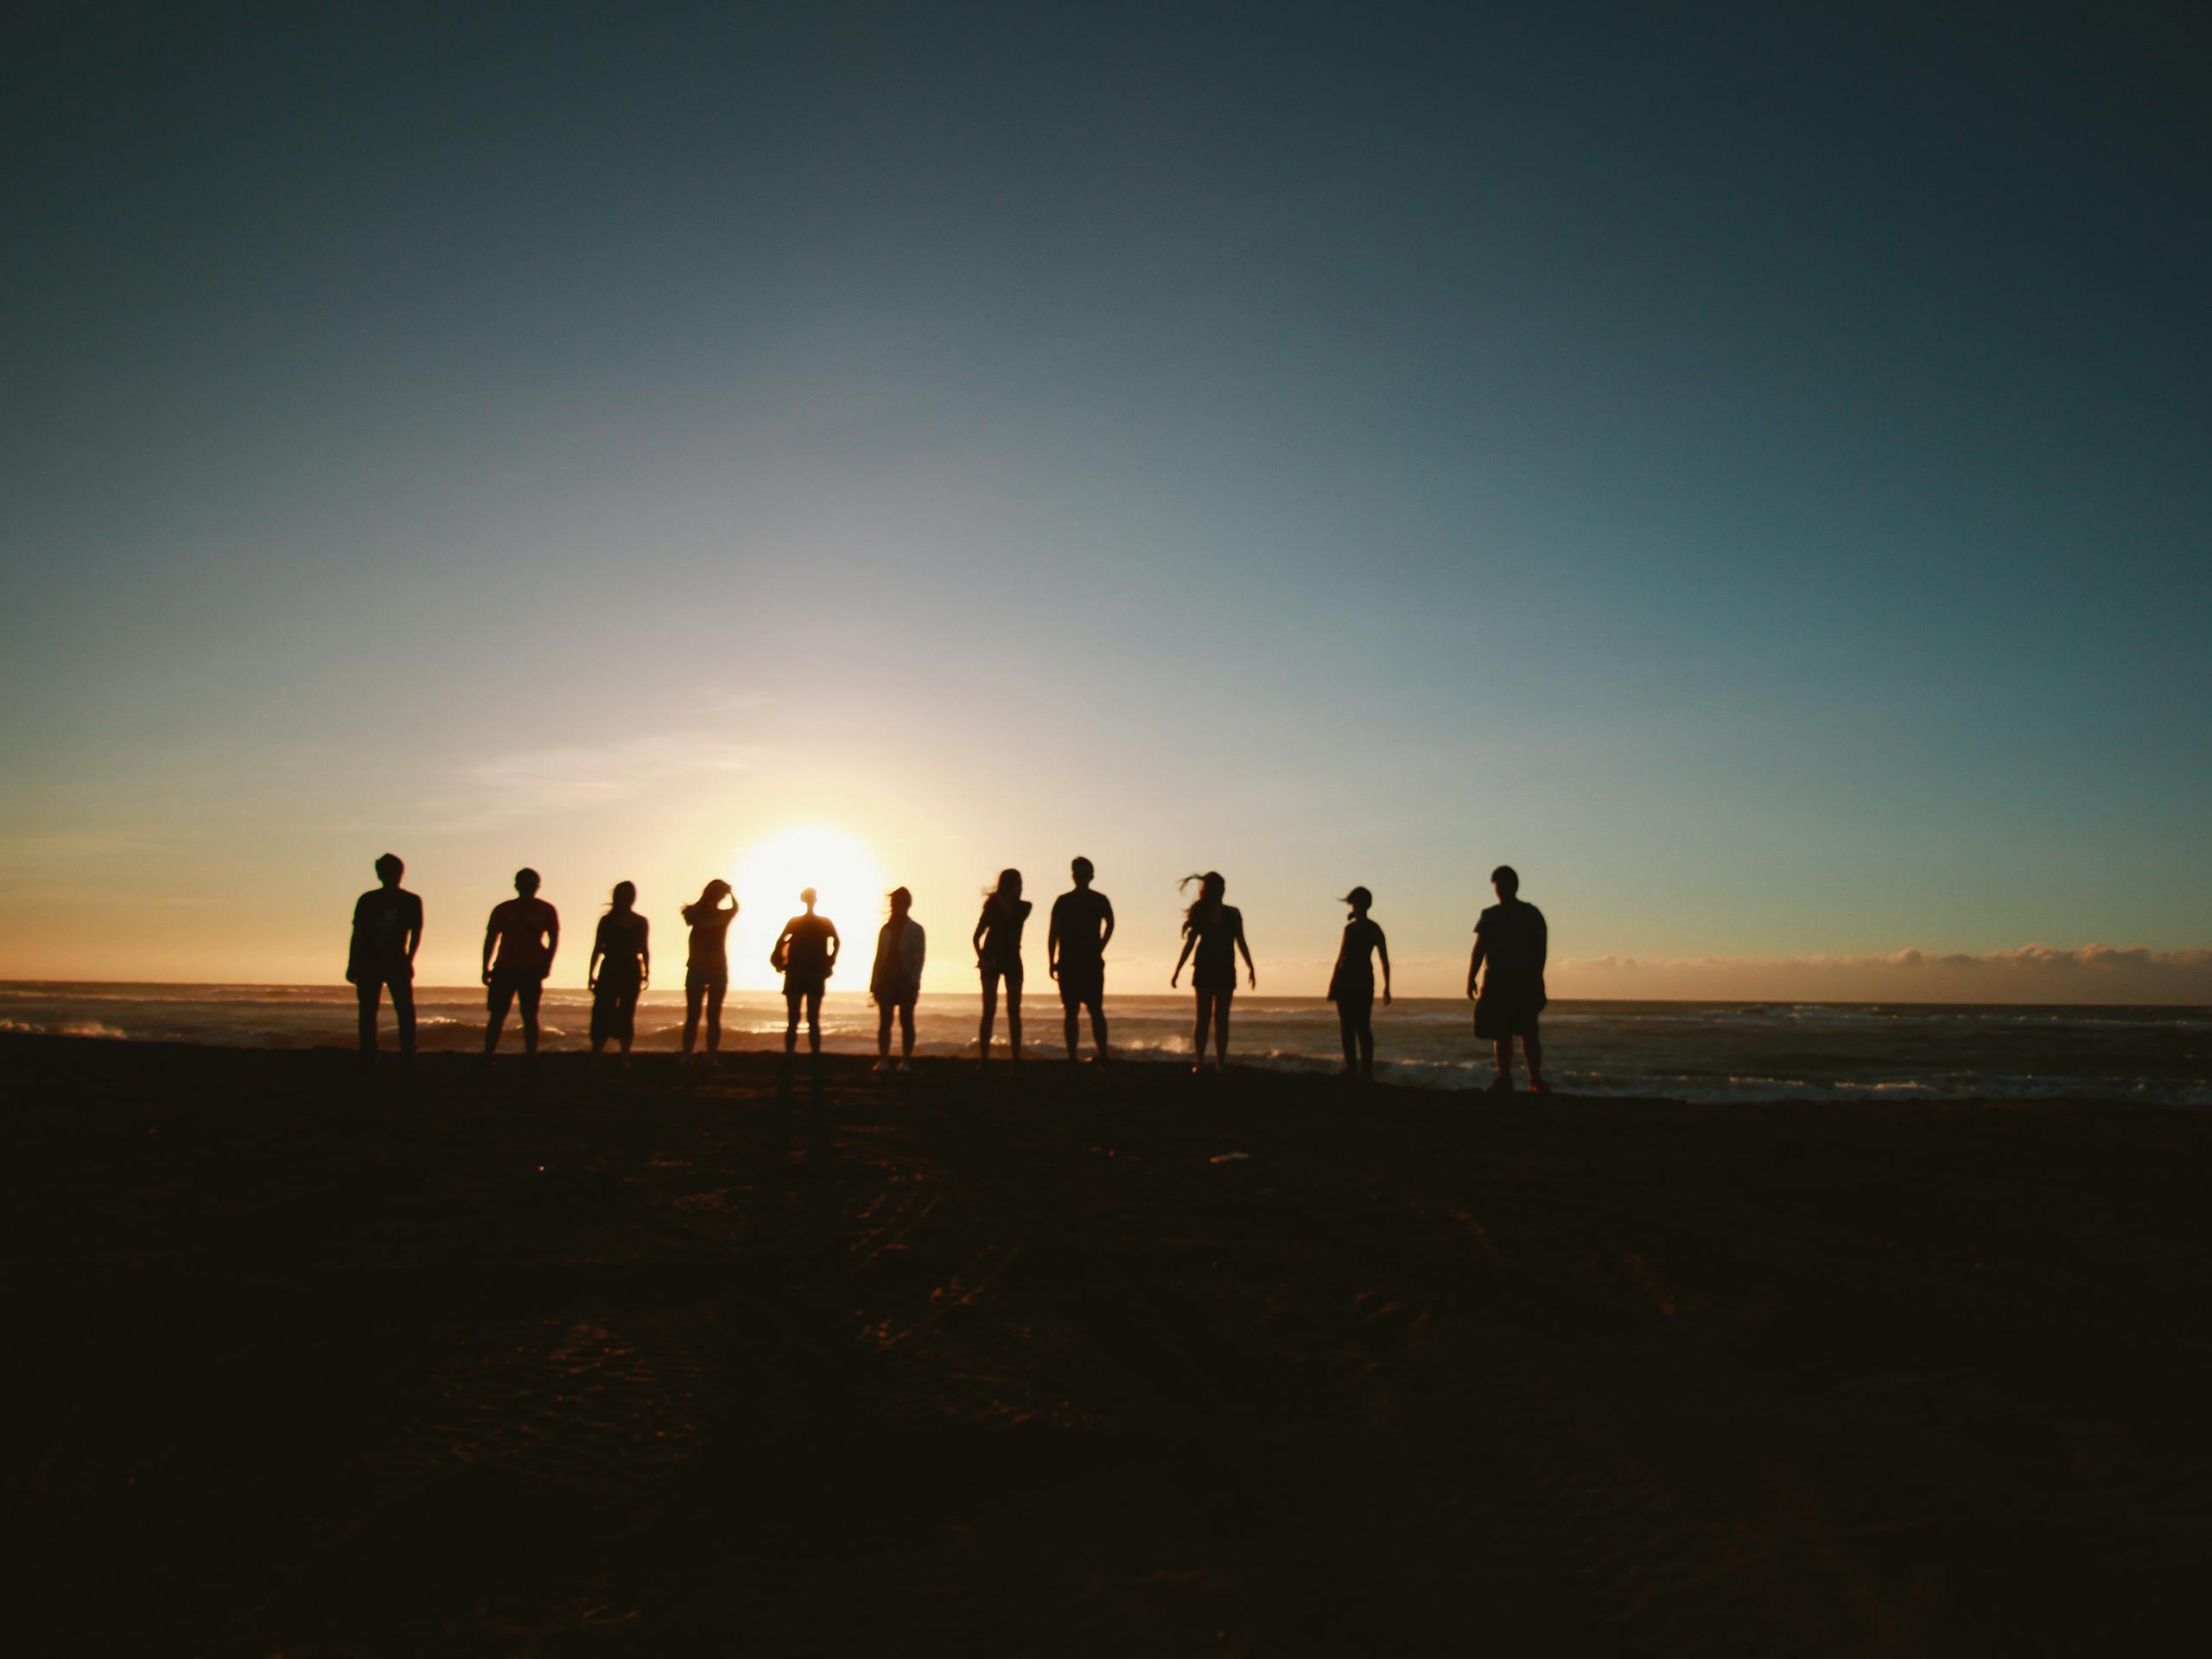 Yoga group on the beach